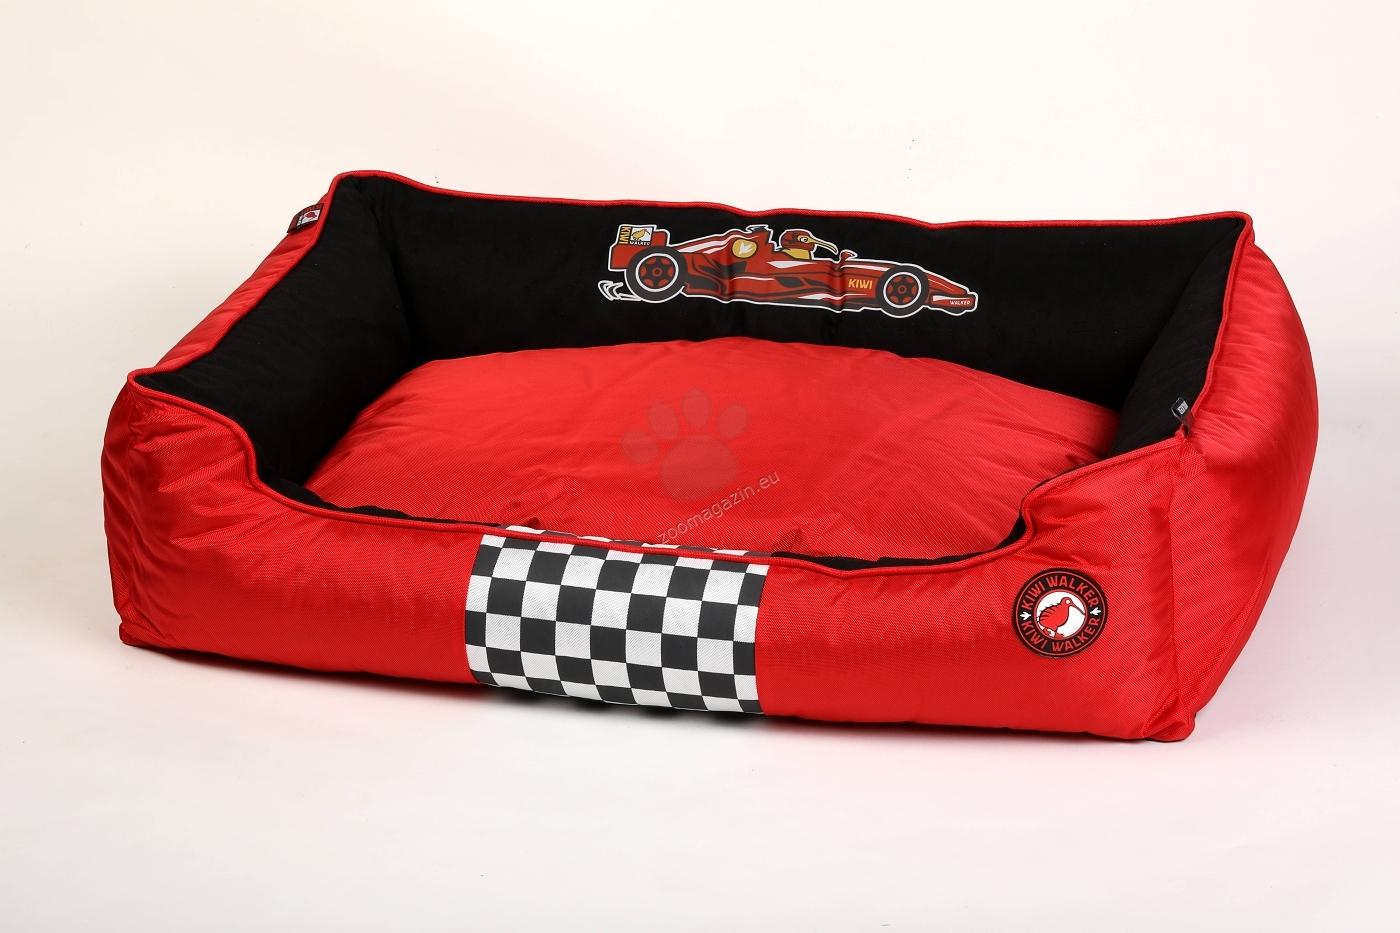 Kiwi Walker Bed Border М - ортопедично легло с мемори пяна 65 / 45 / 22 см. / червен, син, зелен, оранжев /